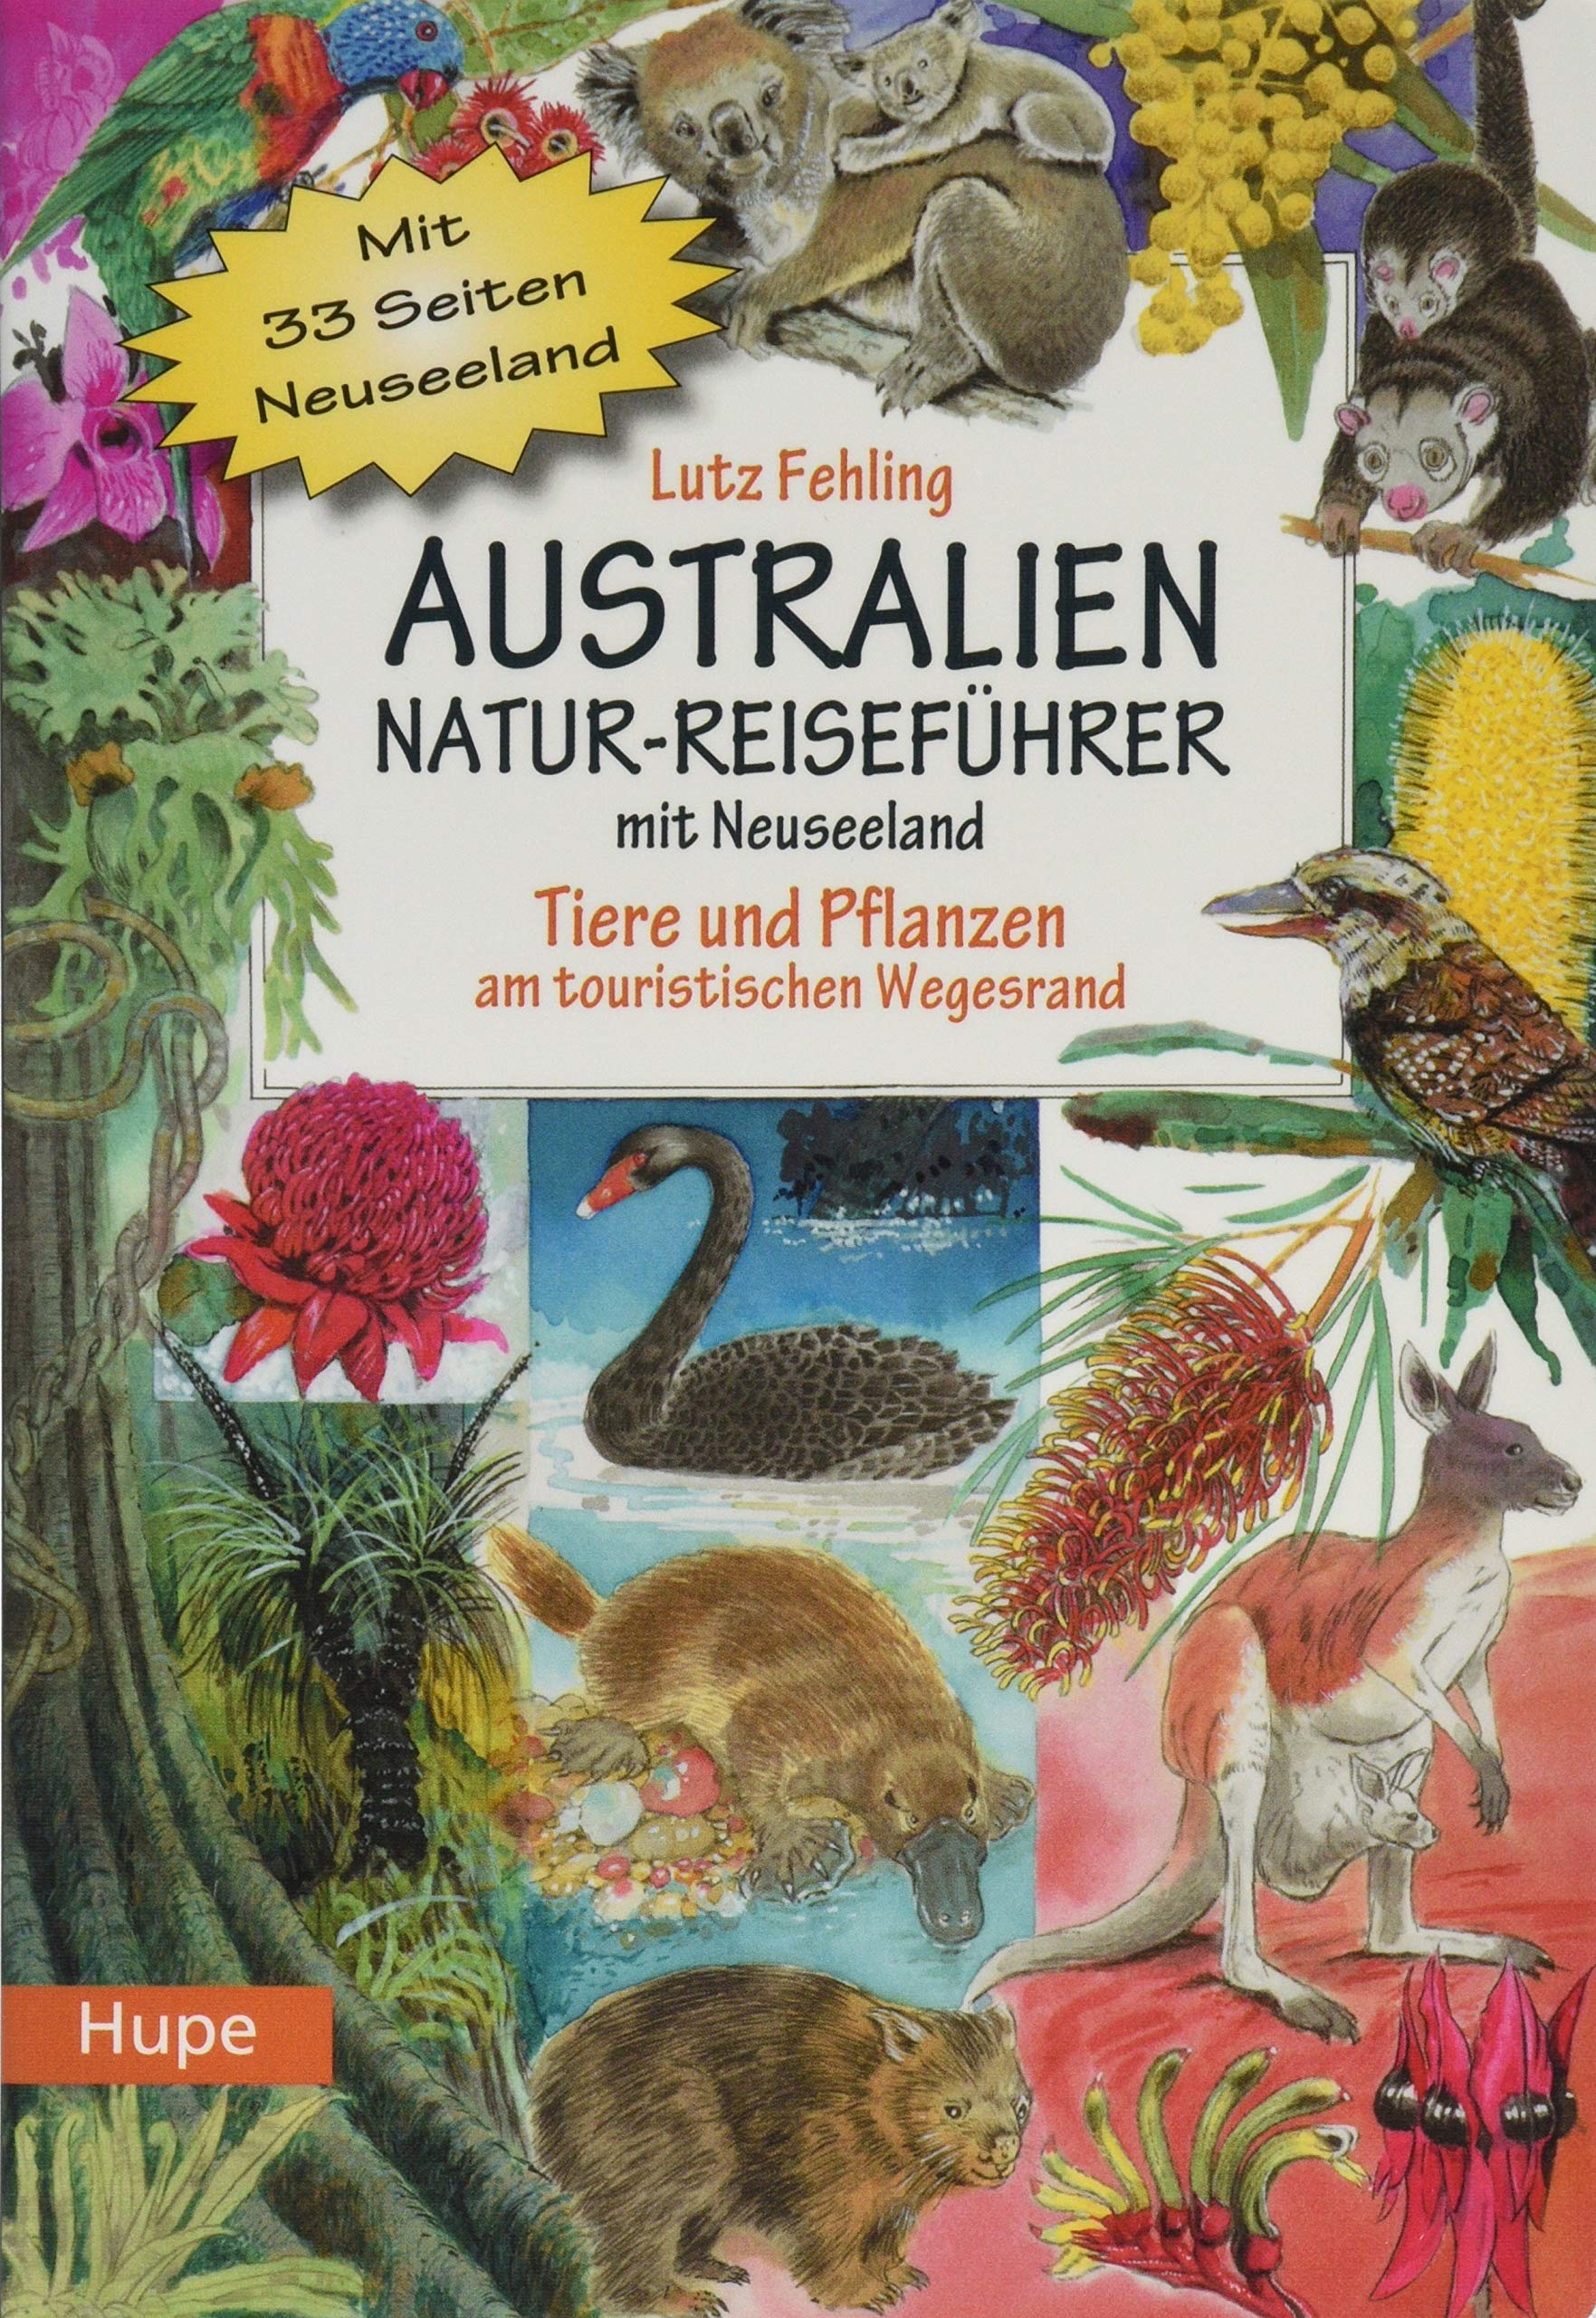 Australien Natur Reisefuhrer Mit Neuseeland Tiere Und Pflanzen Am Touristischen Wegesrand Amazon De Dr Fehling Lutz Poulter Ted Dye Sharon Evans Peter Bucher